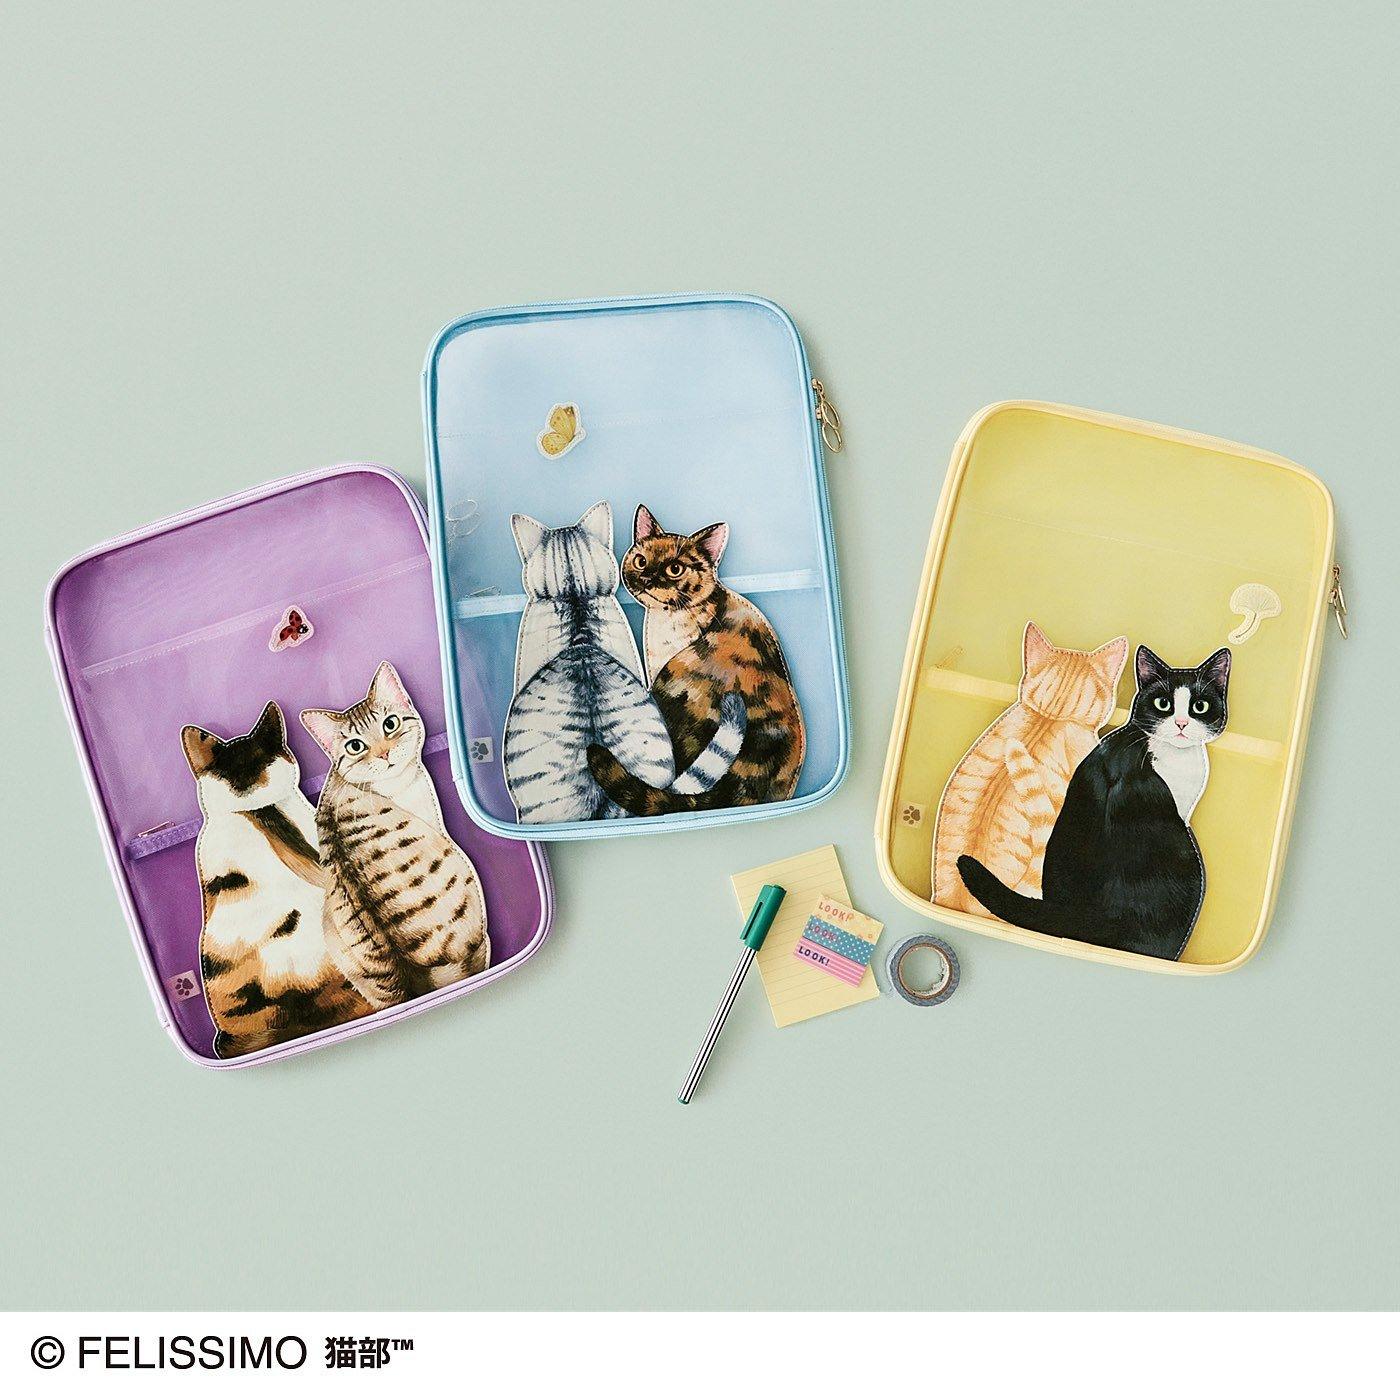 窓の外が気になるニャ ふり向く猫のメッシュA4ファイルポーチの会